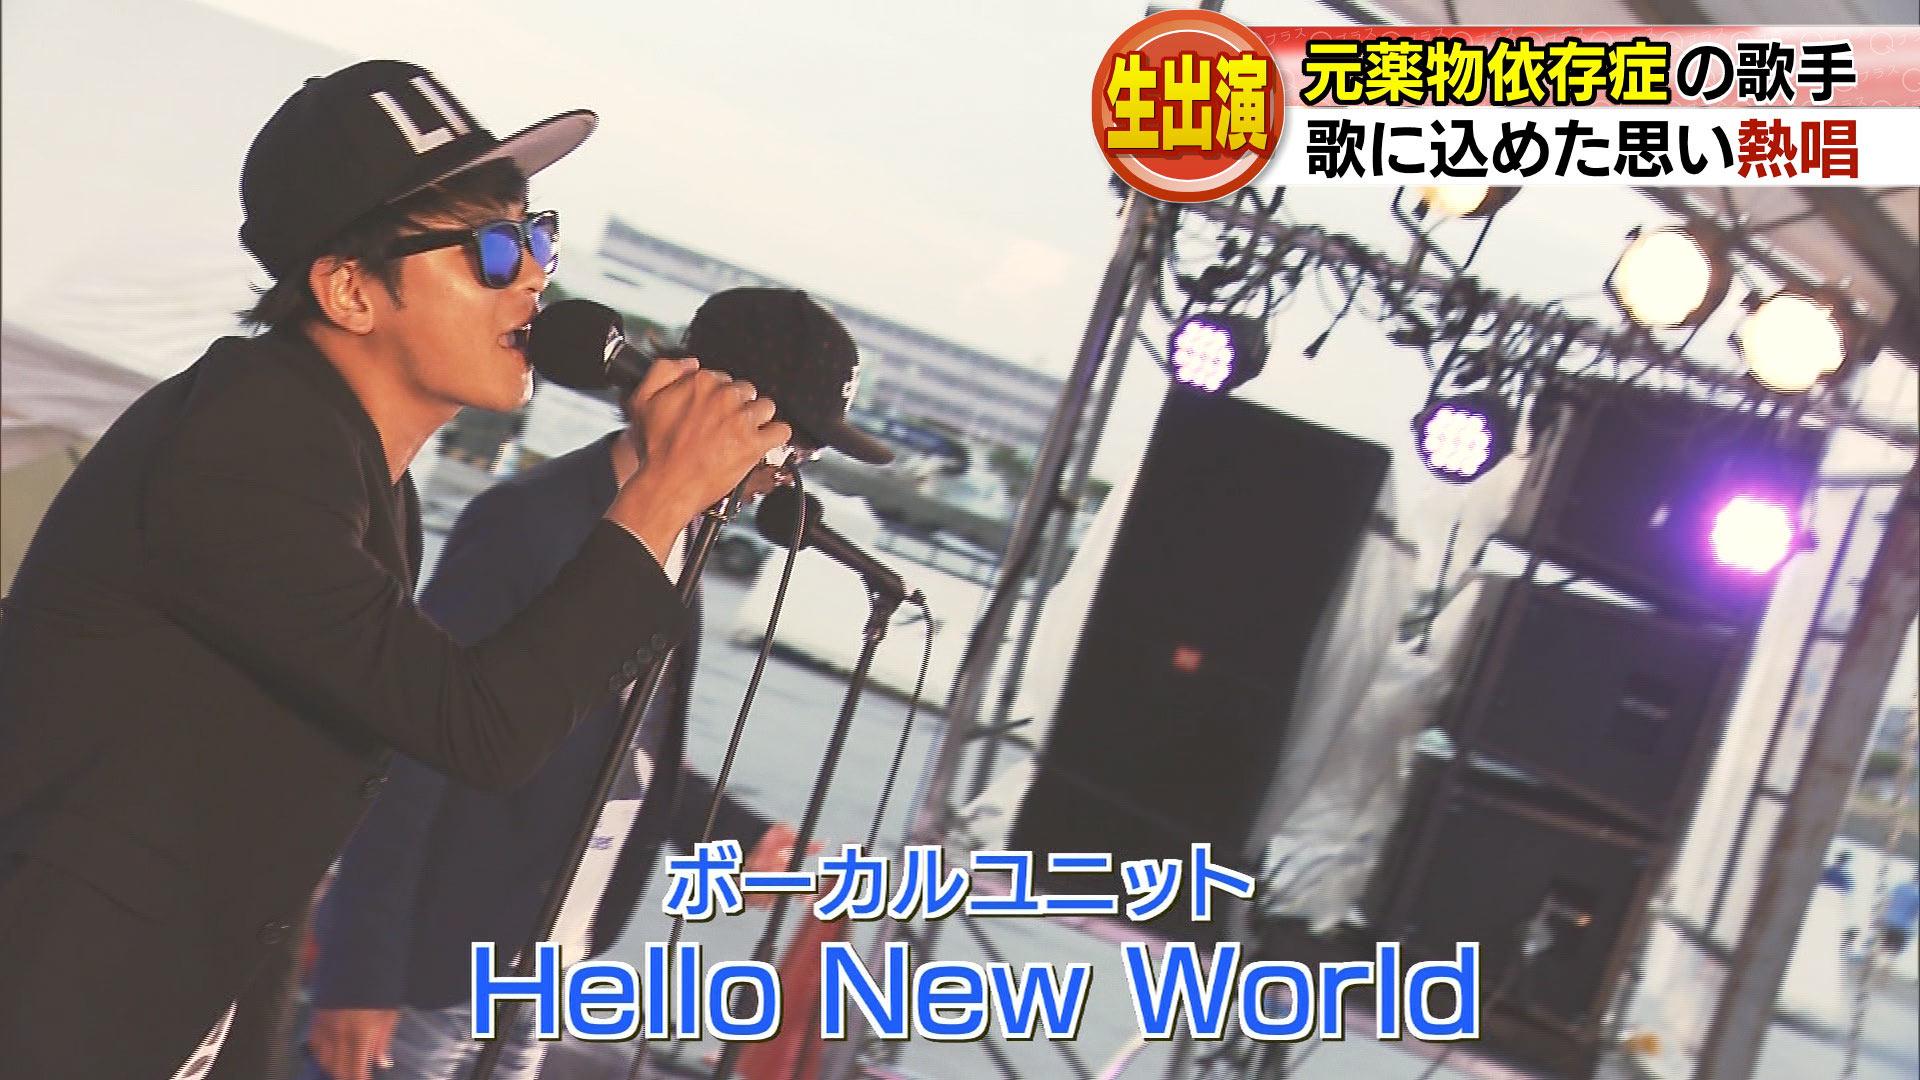 ボーカルユニット「Hello New World」そのうちの1人ソロでも活動する中山春翠さん